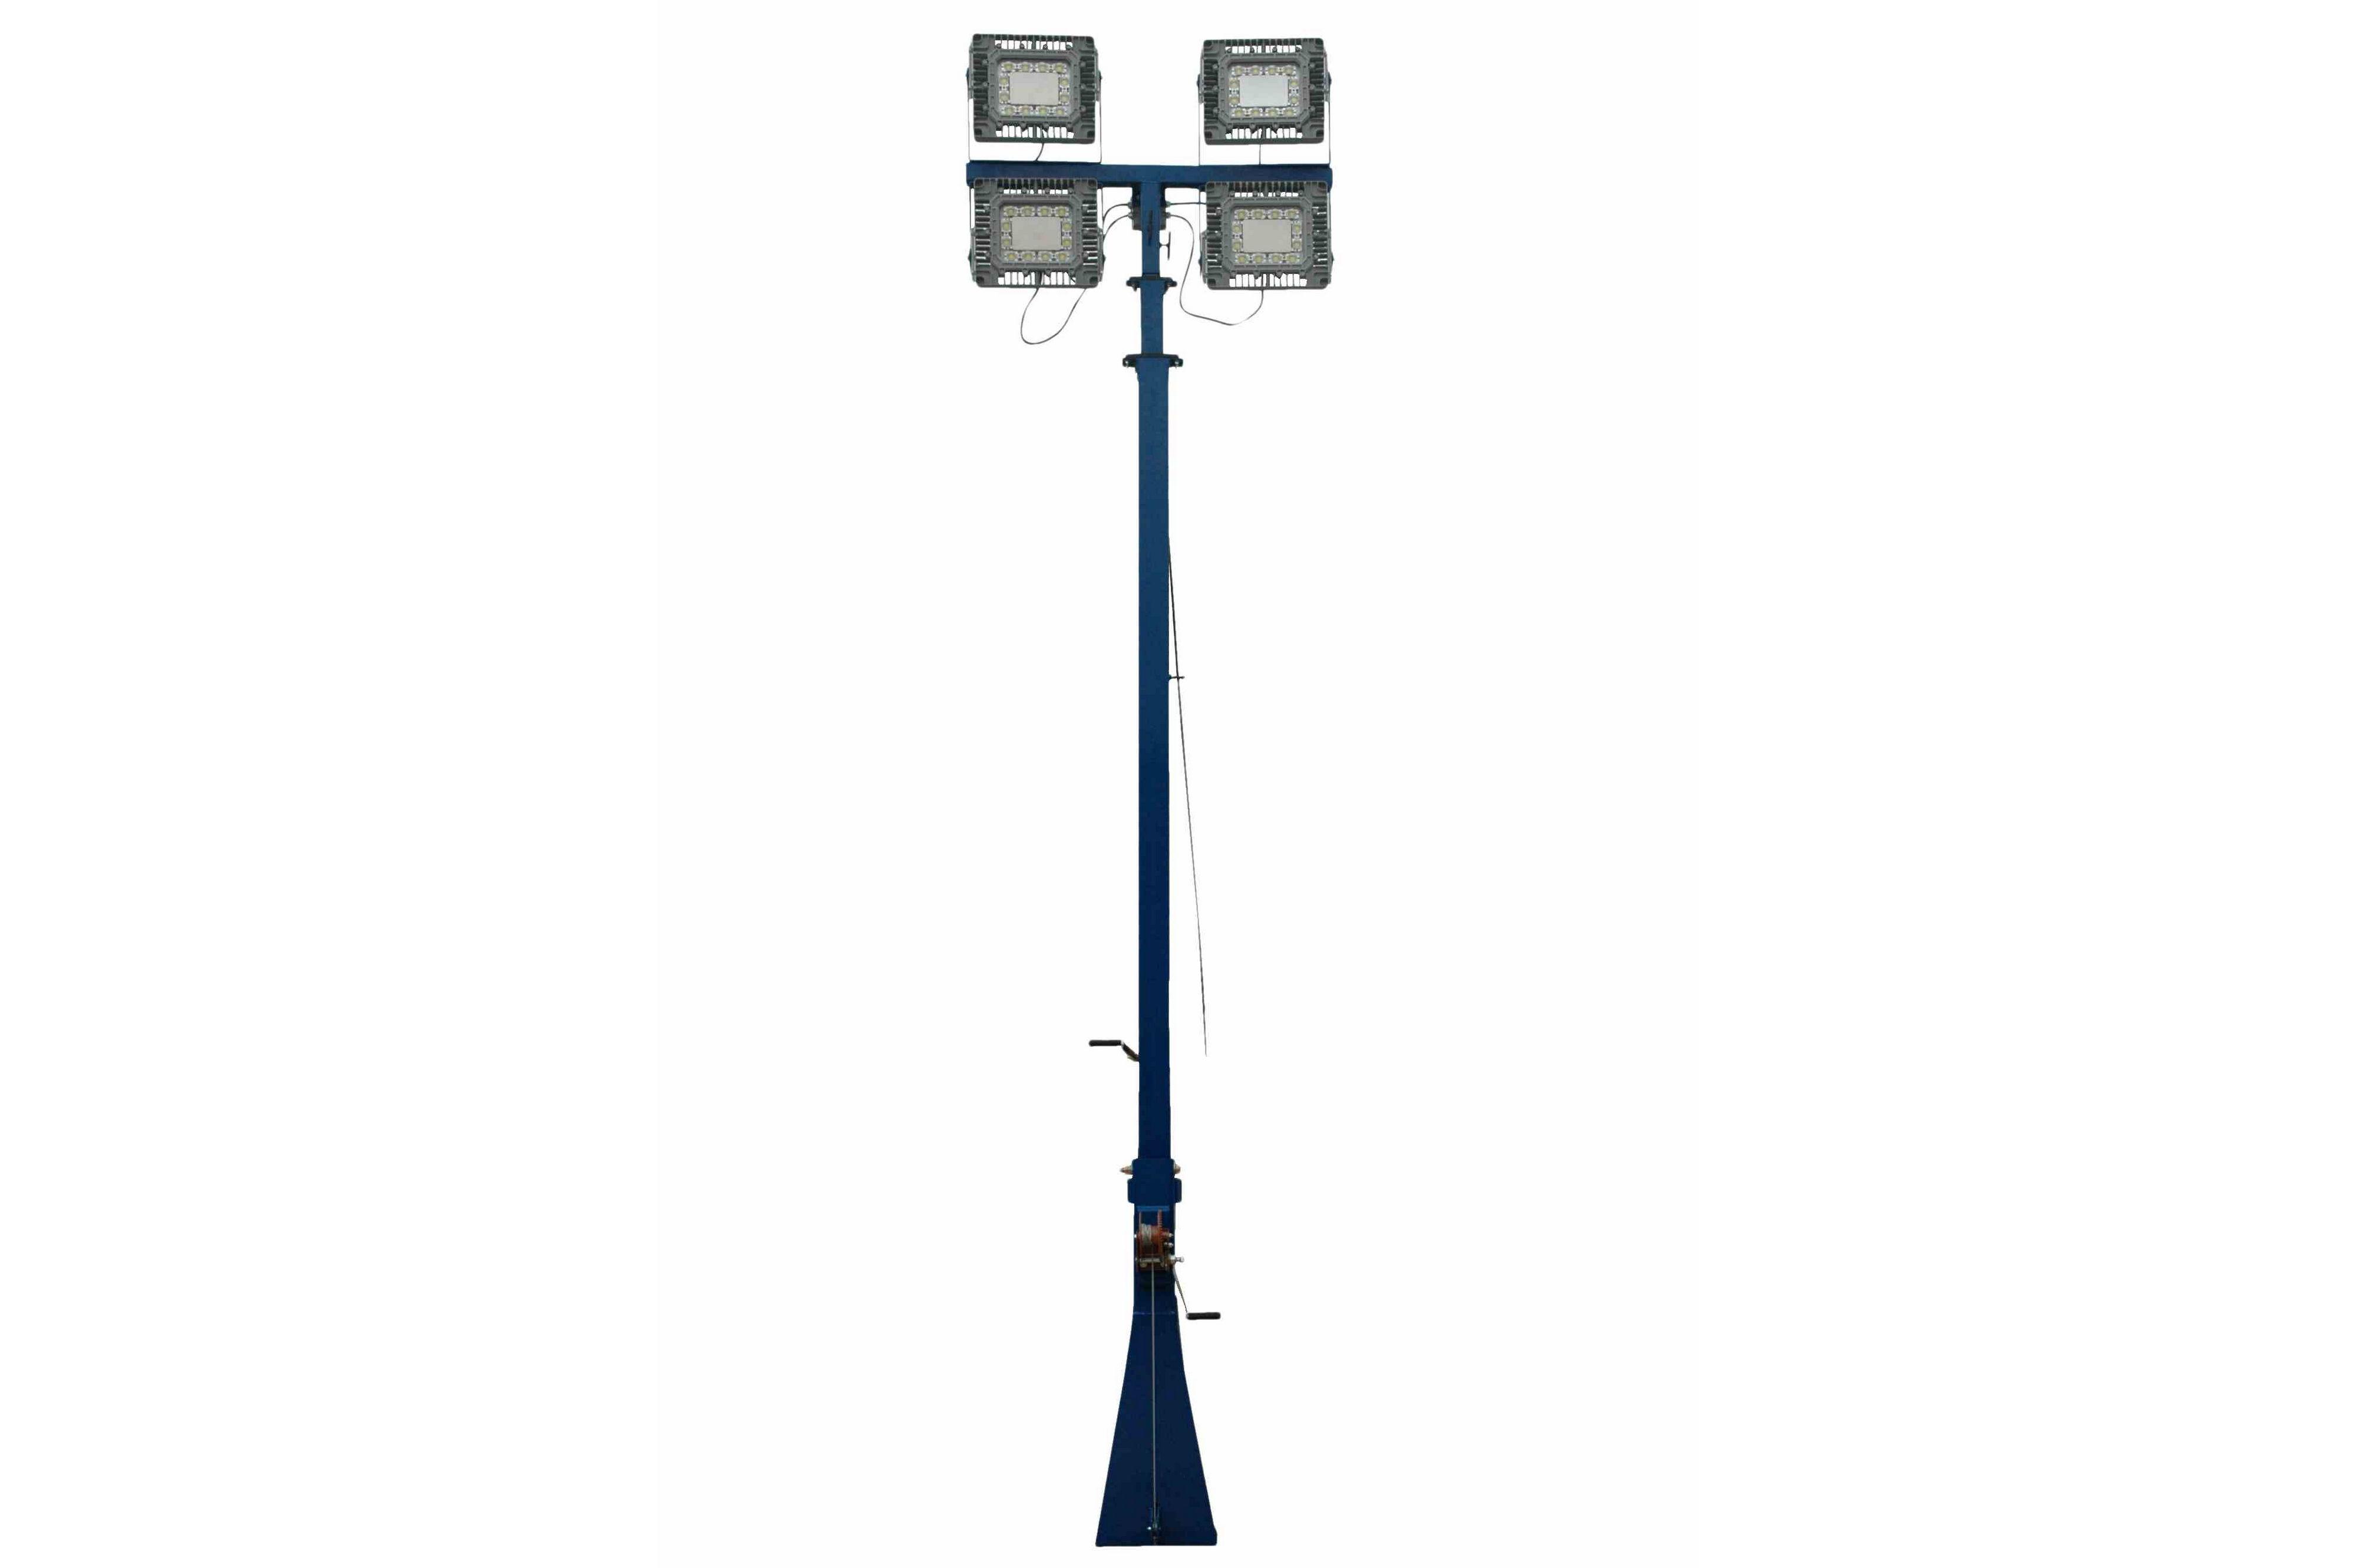 480V 600 Watt LED Hazardous Location 30ft Light Mast